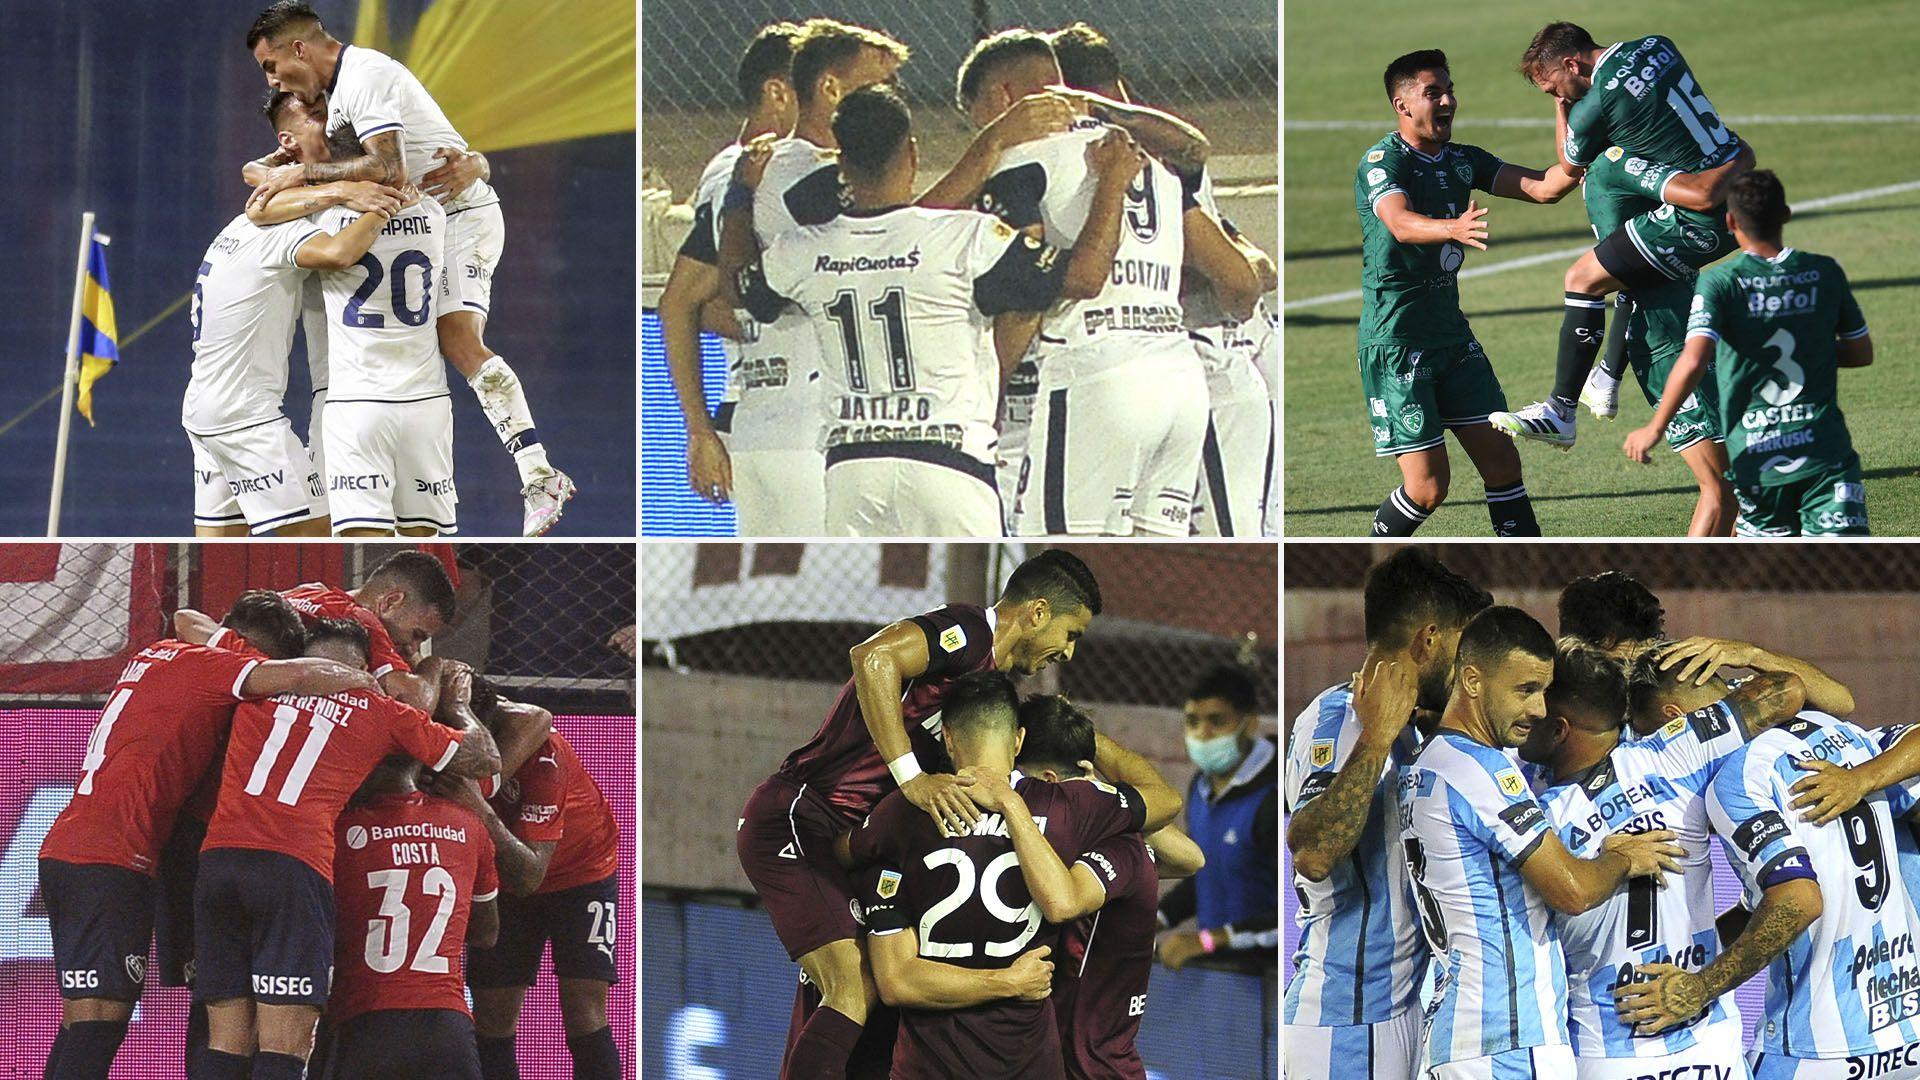 previas sabado Talleres Independiente Gimnasia Lanus Sarmiento Atletico Tucuman